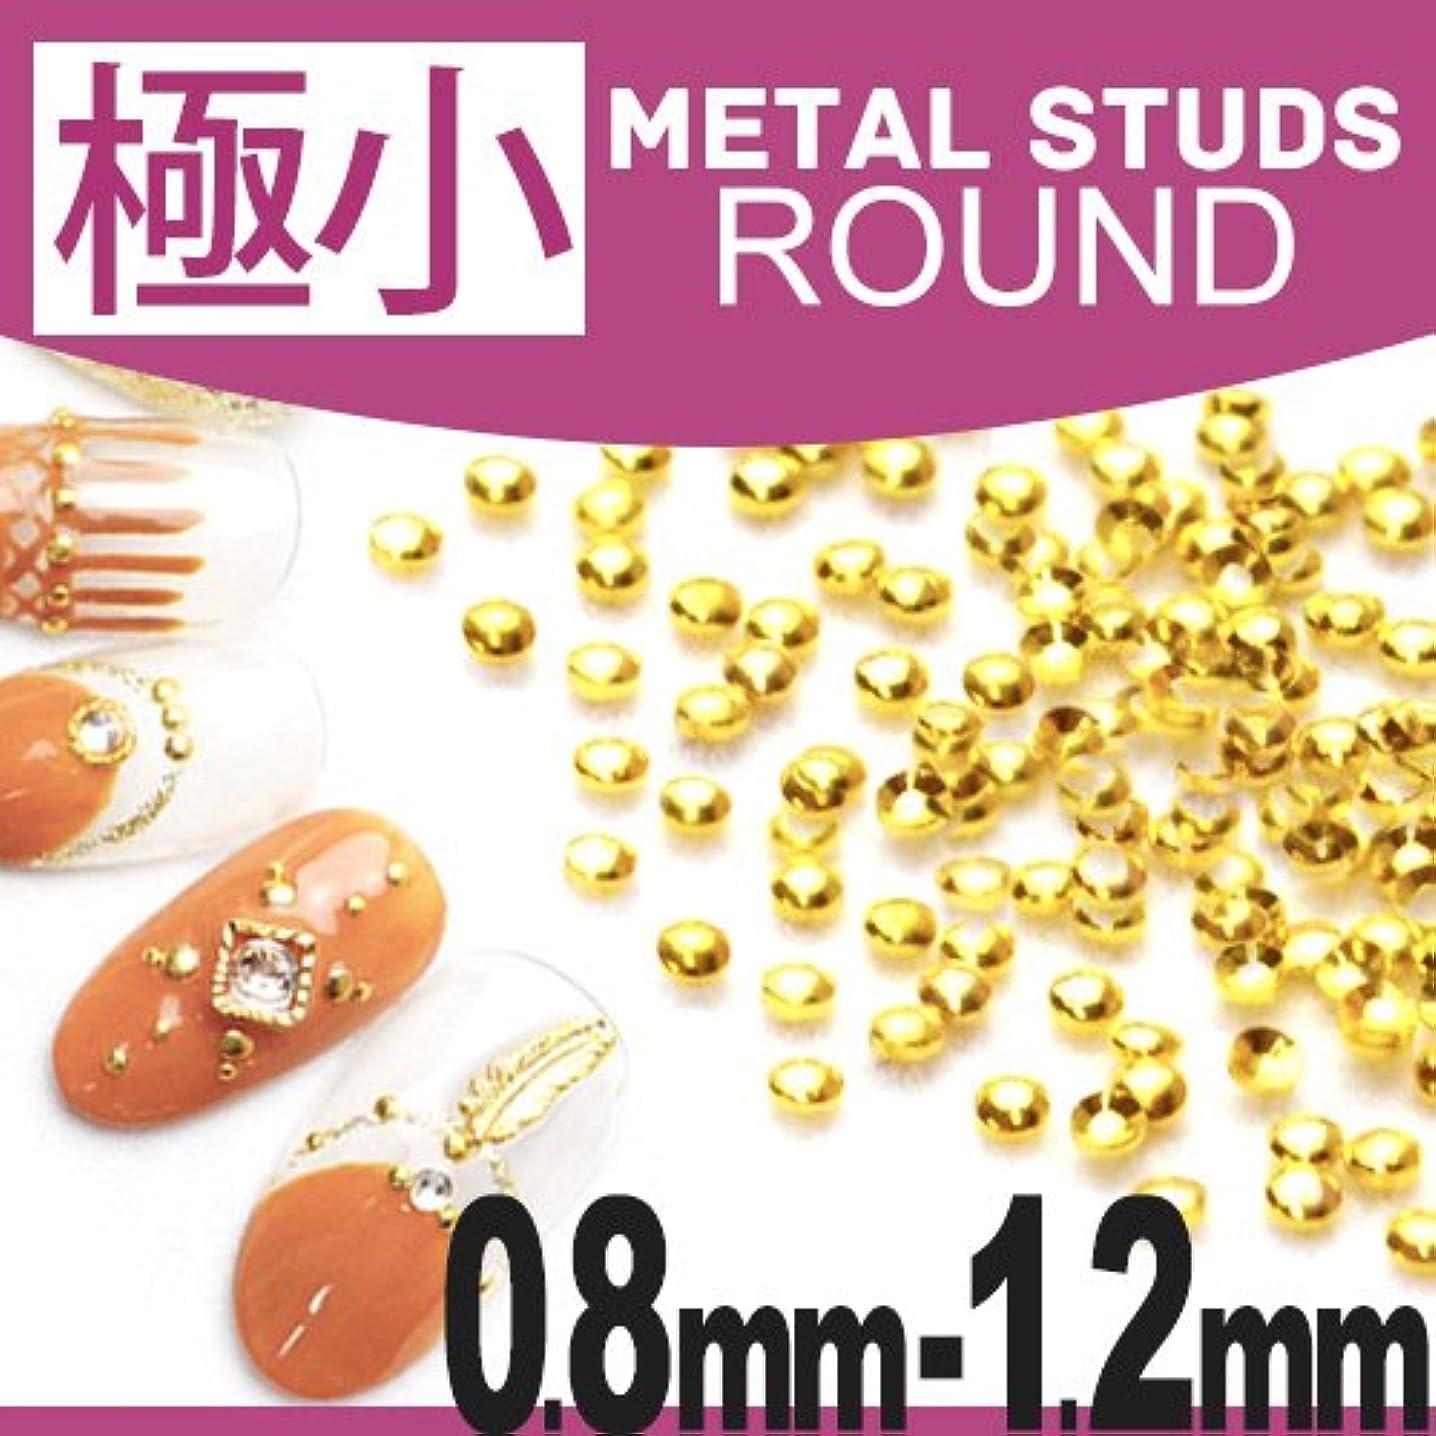 スリットレキシコンラジウム極小ラウンドメタルスタッズ 0.8mm[ゴールド] メタルパーツ ジェルネイル